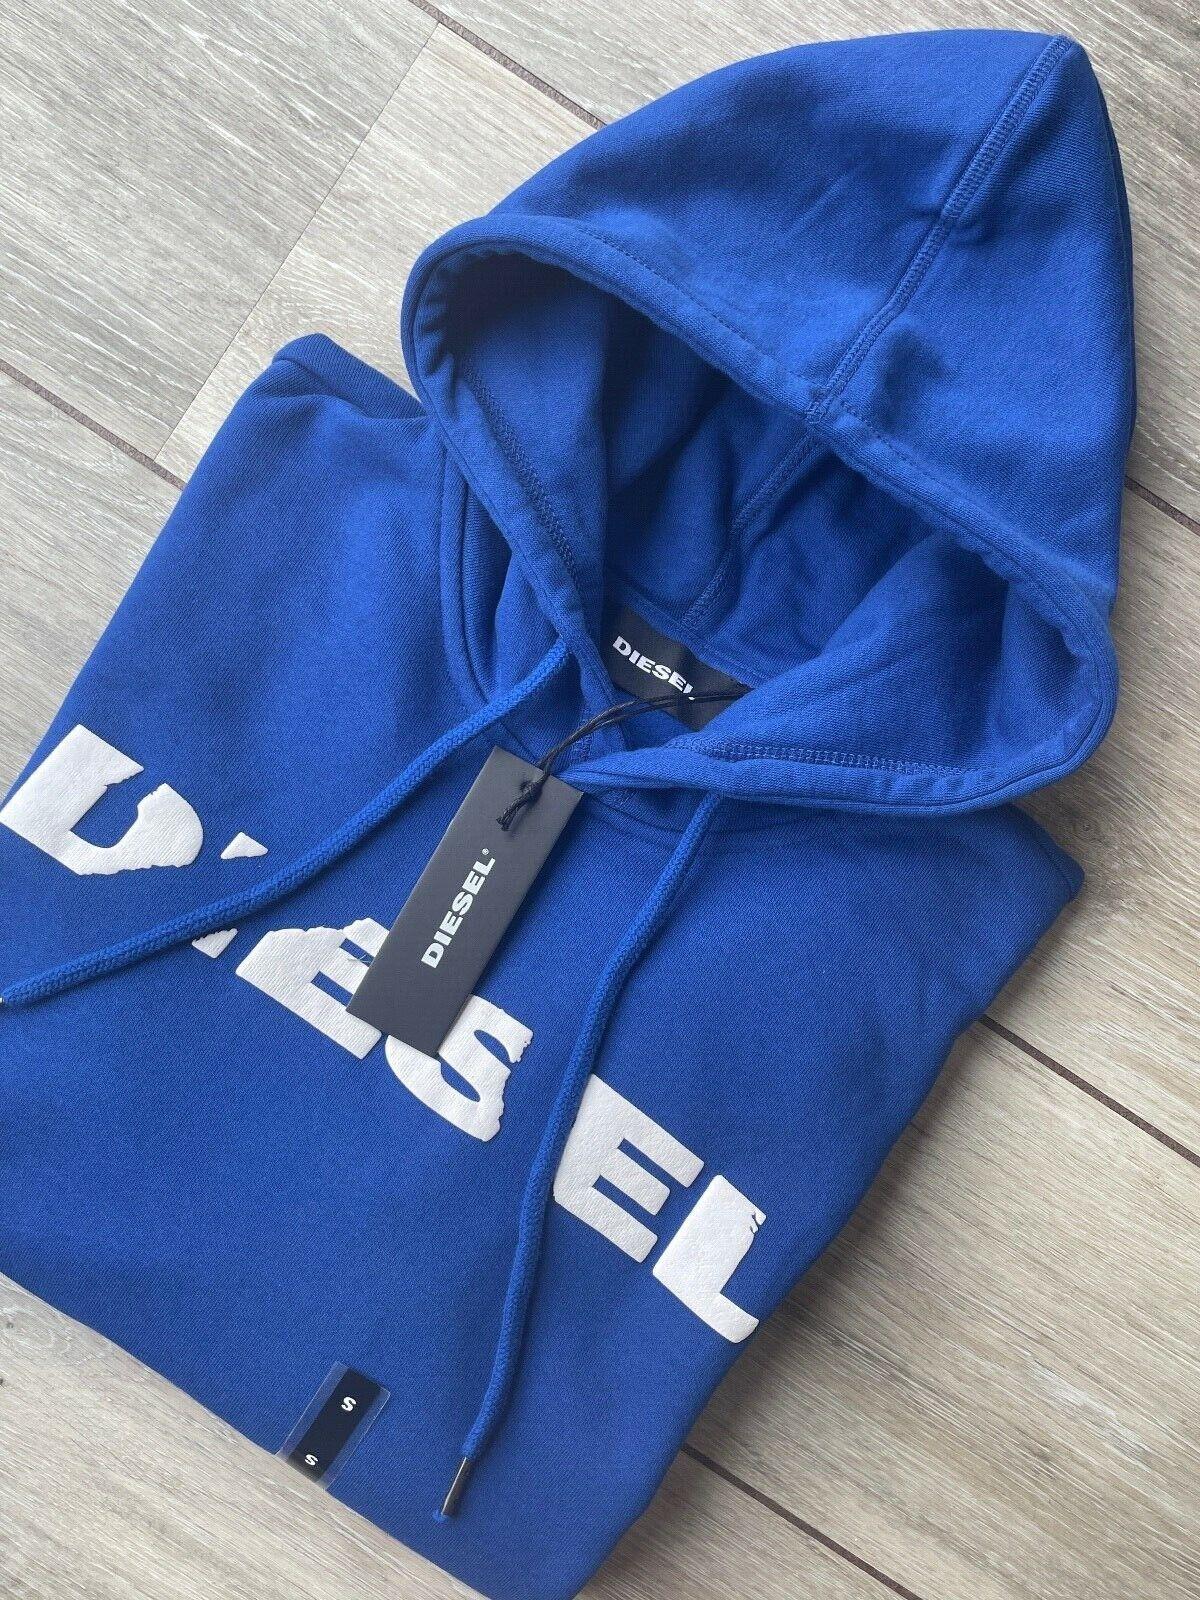 DIESEL MEN'S BLUE